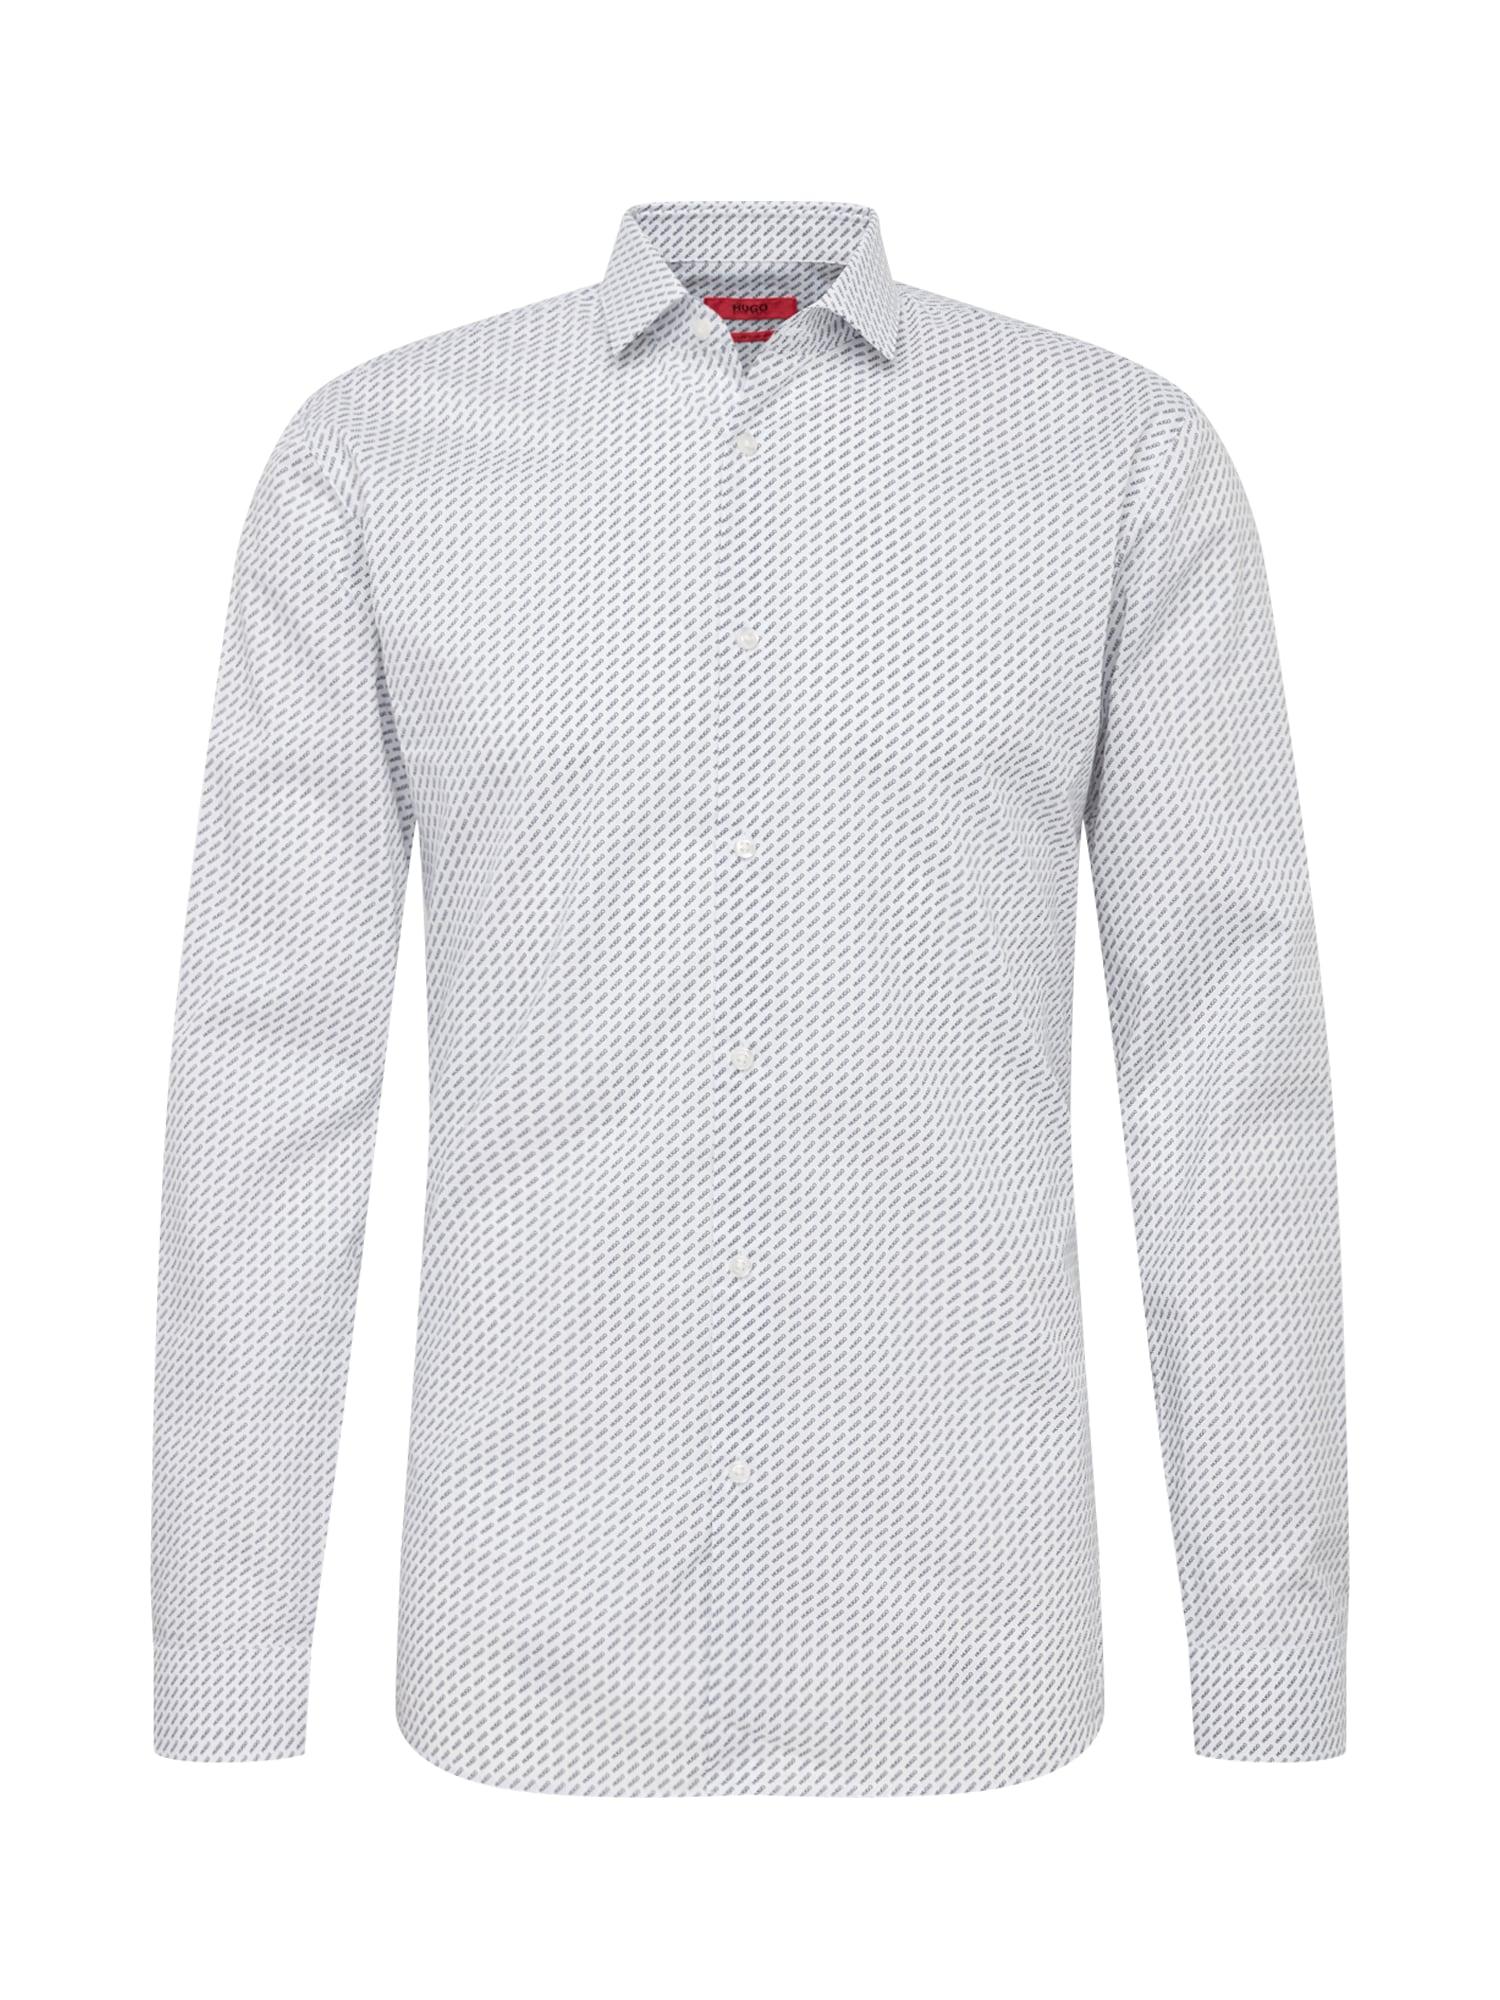 Košile Erondo černá bílá HUGO